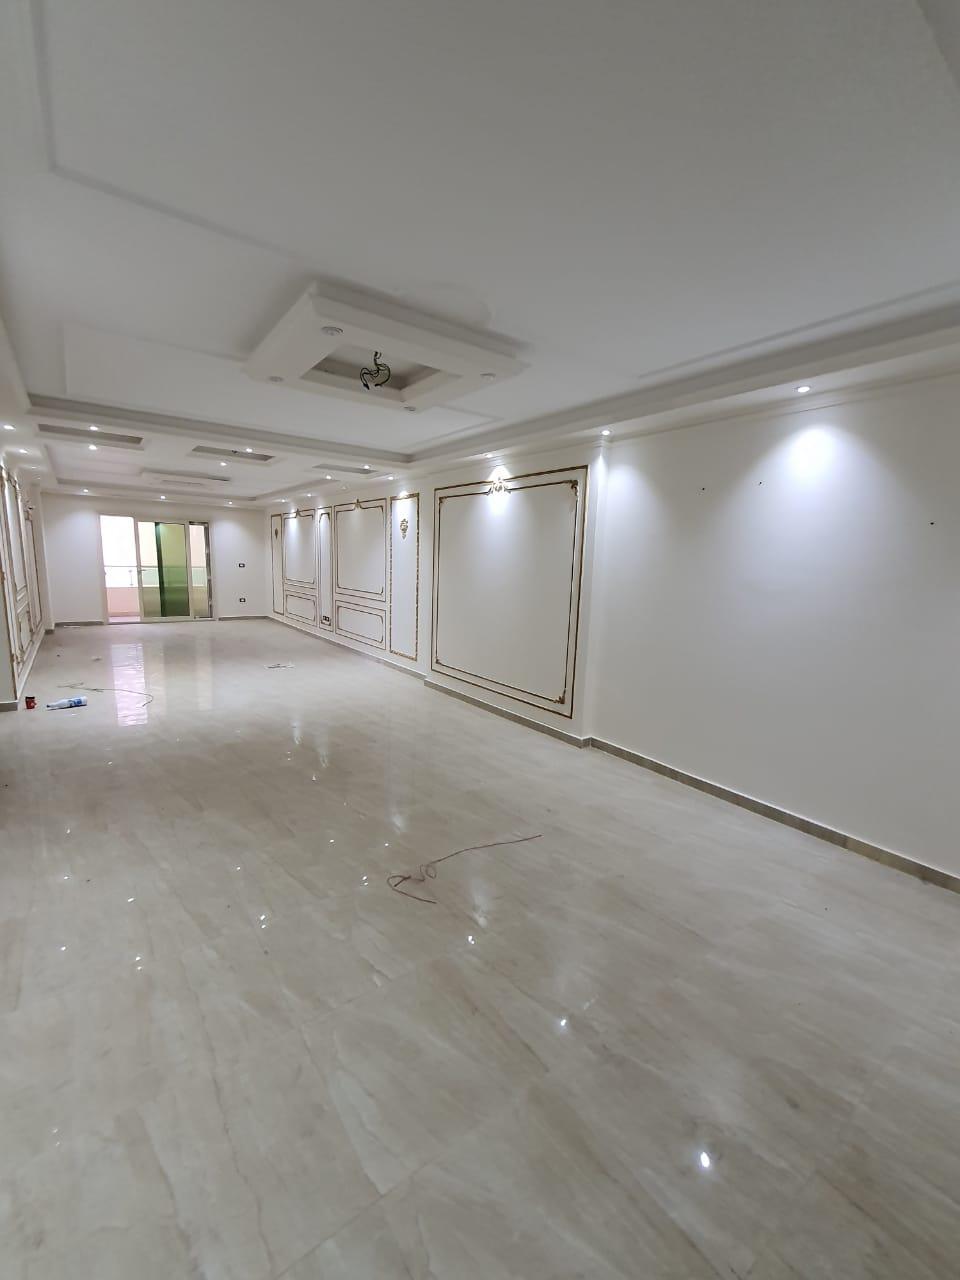 للبيع شقة في سموحة (200م) خطوات من شارع فوزي معاذ و ميدان علي ابن ابي طالب بمطلات بحرية مفتوحة